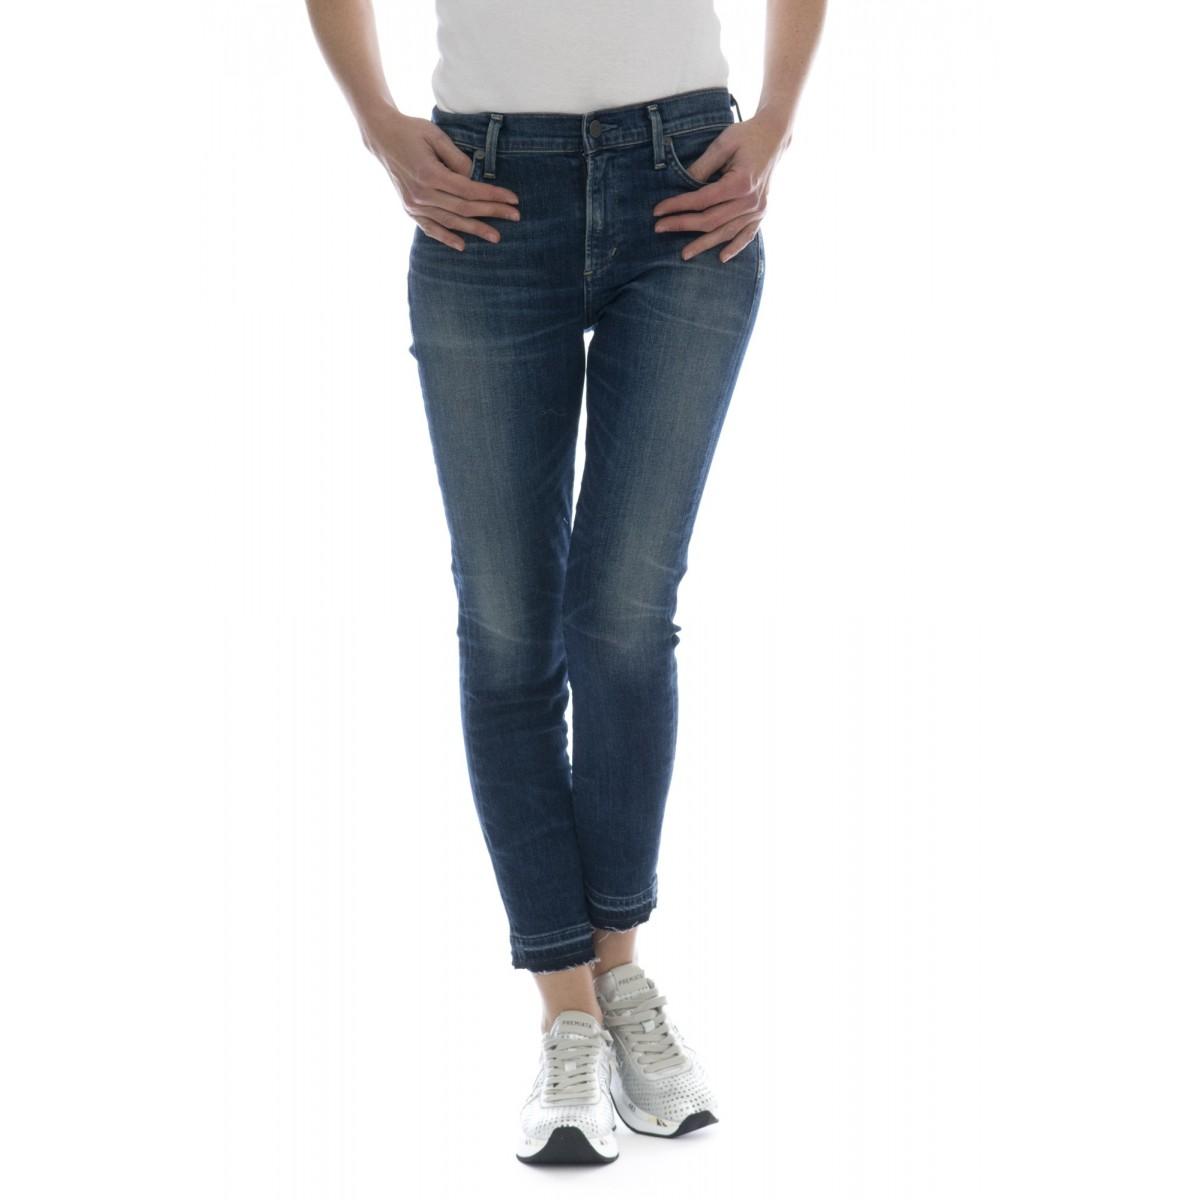 Jeans - Rocket weekender skinny vita alta corto